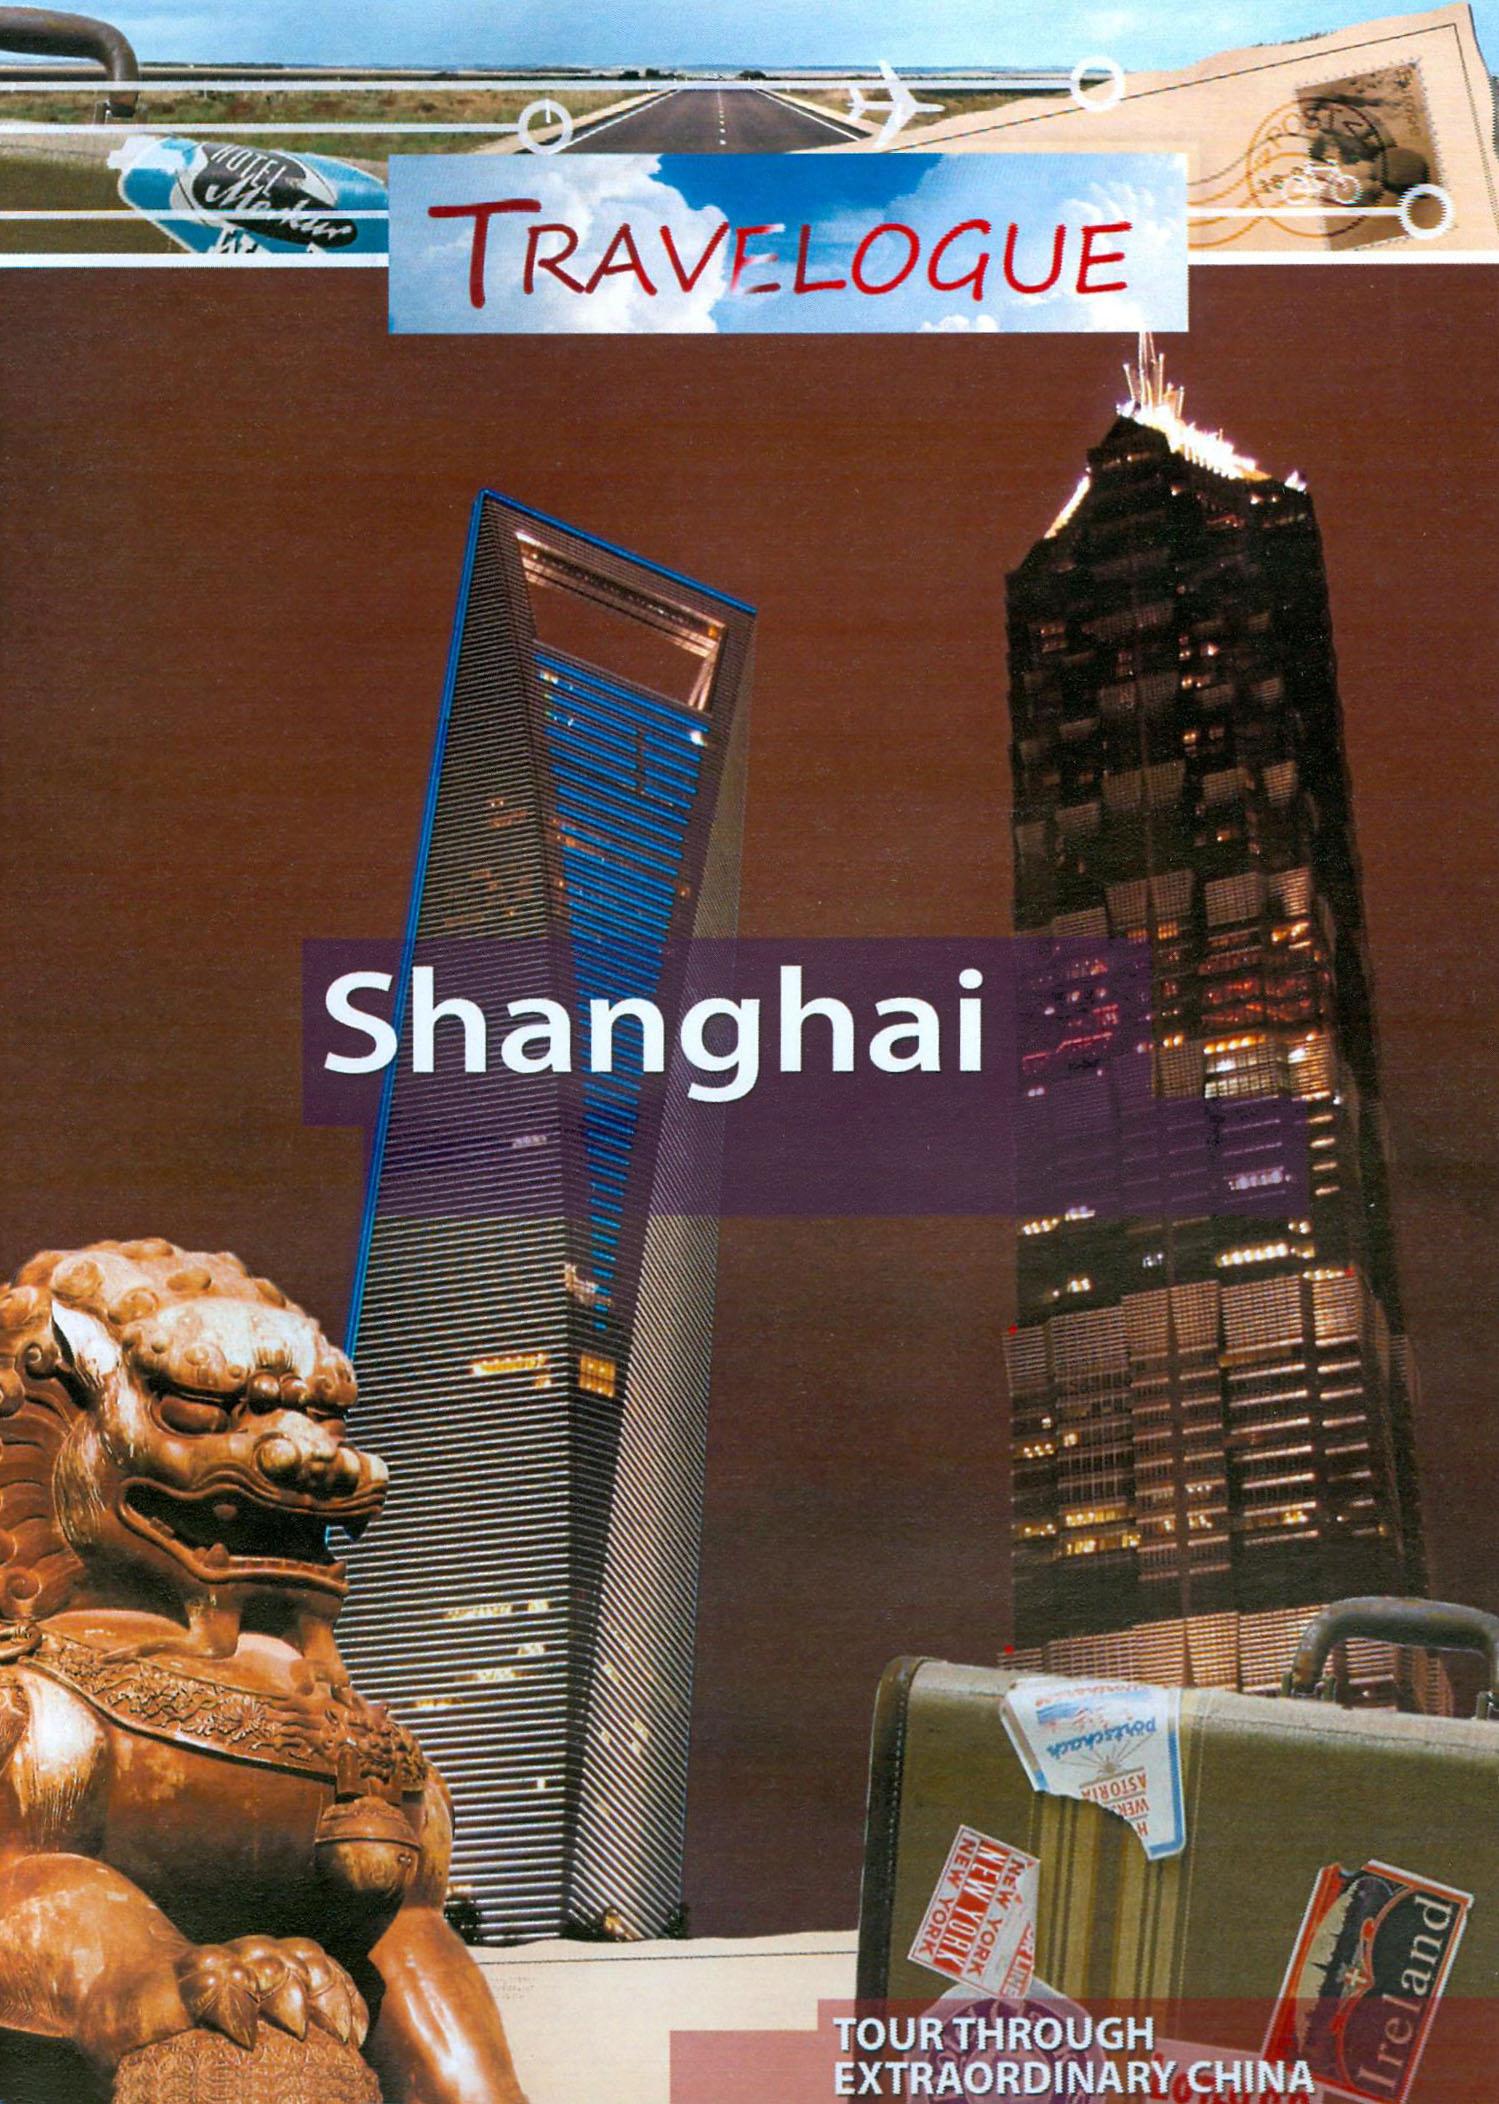 Travelogue 197: Shanghai